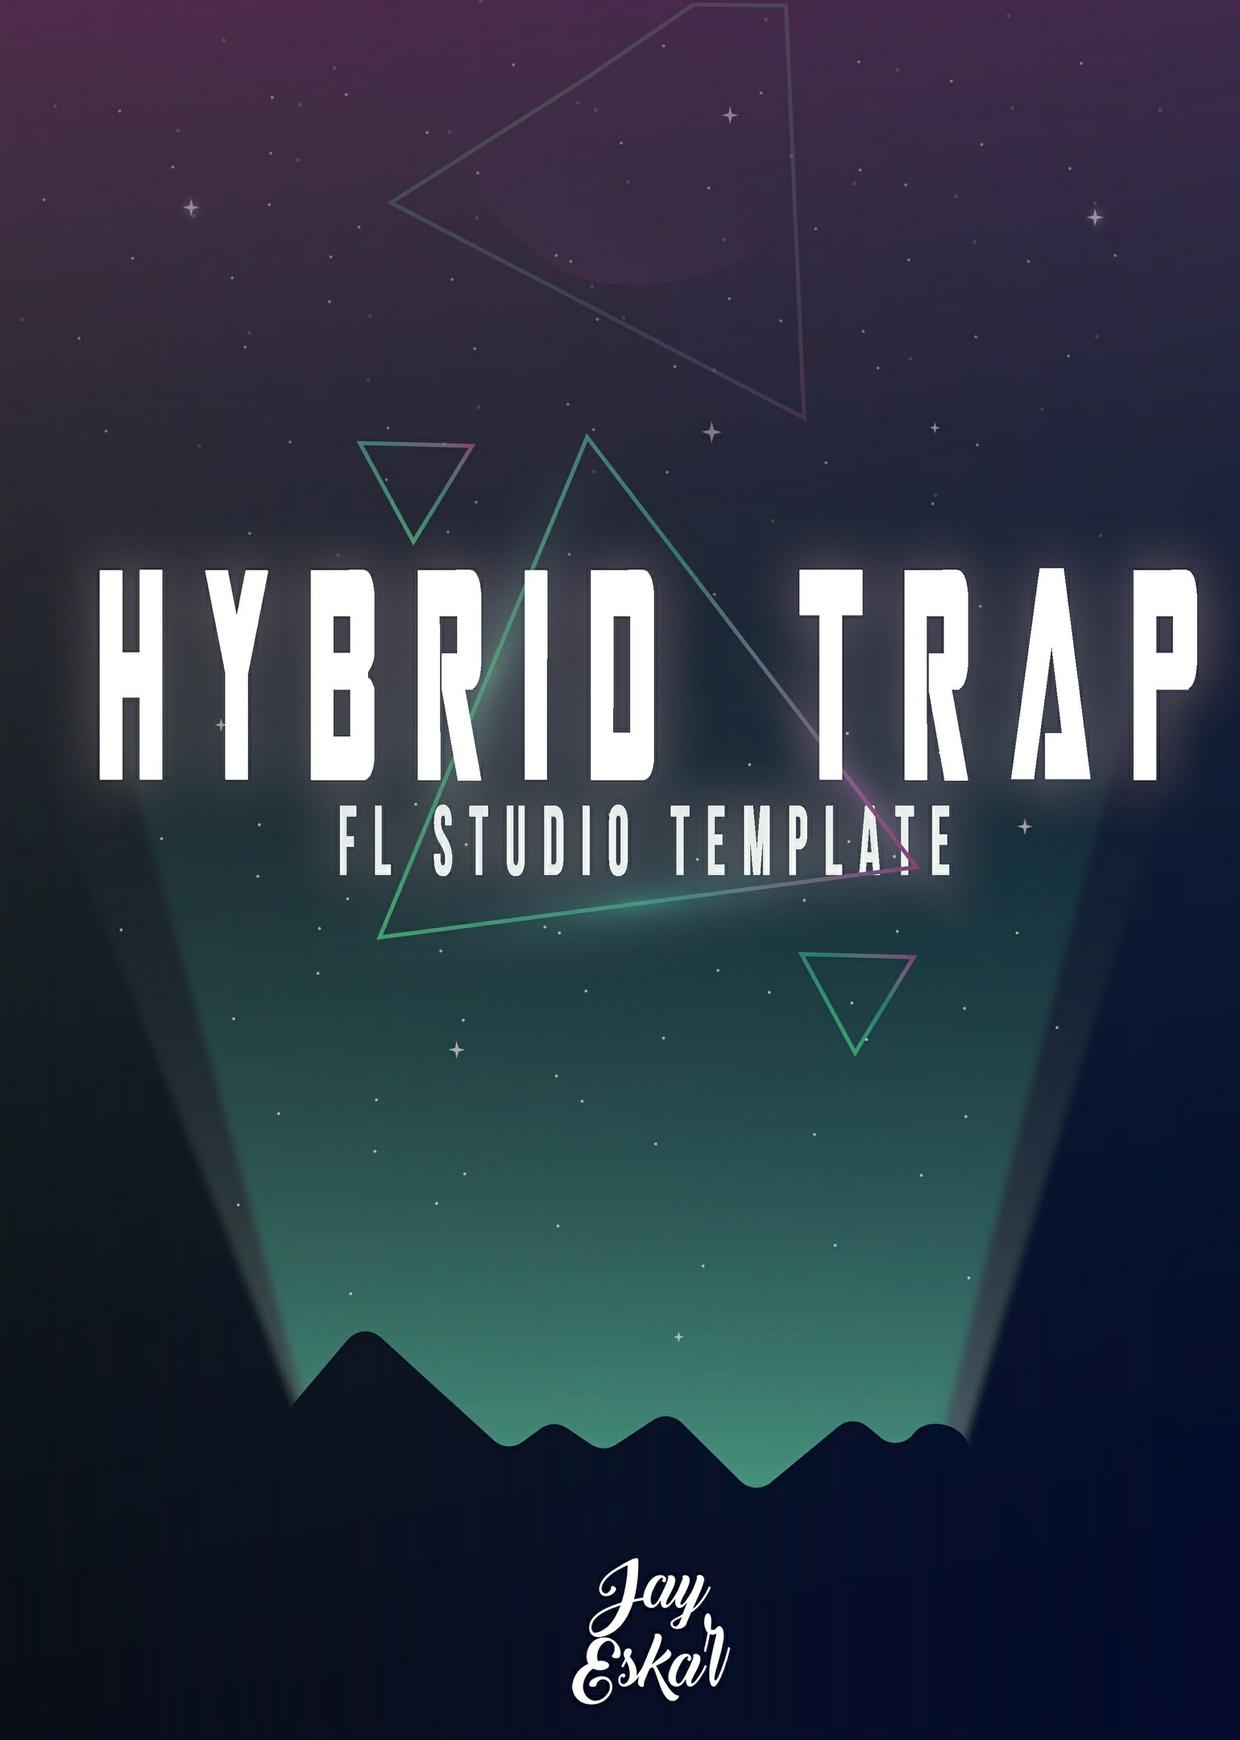 Hybrid Trap [Fl Studio Template By Jay Eskar]